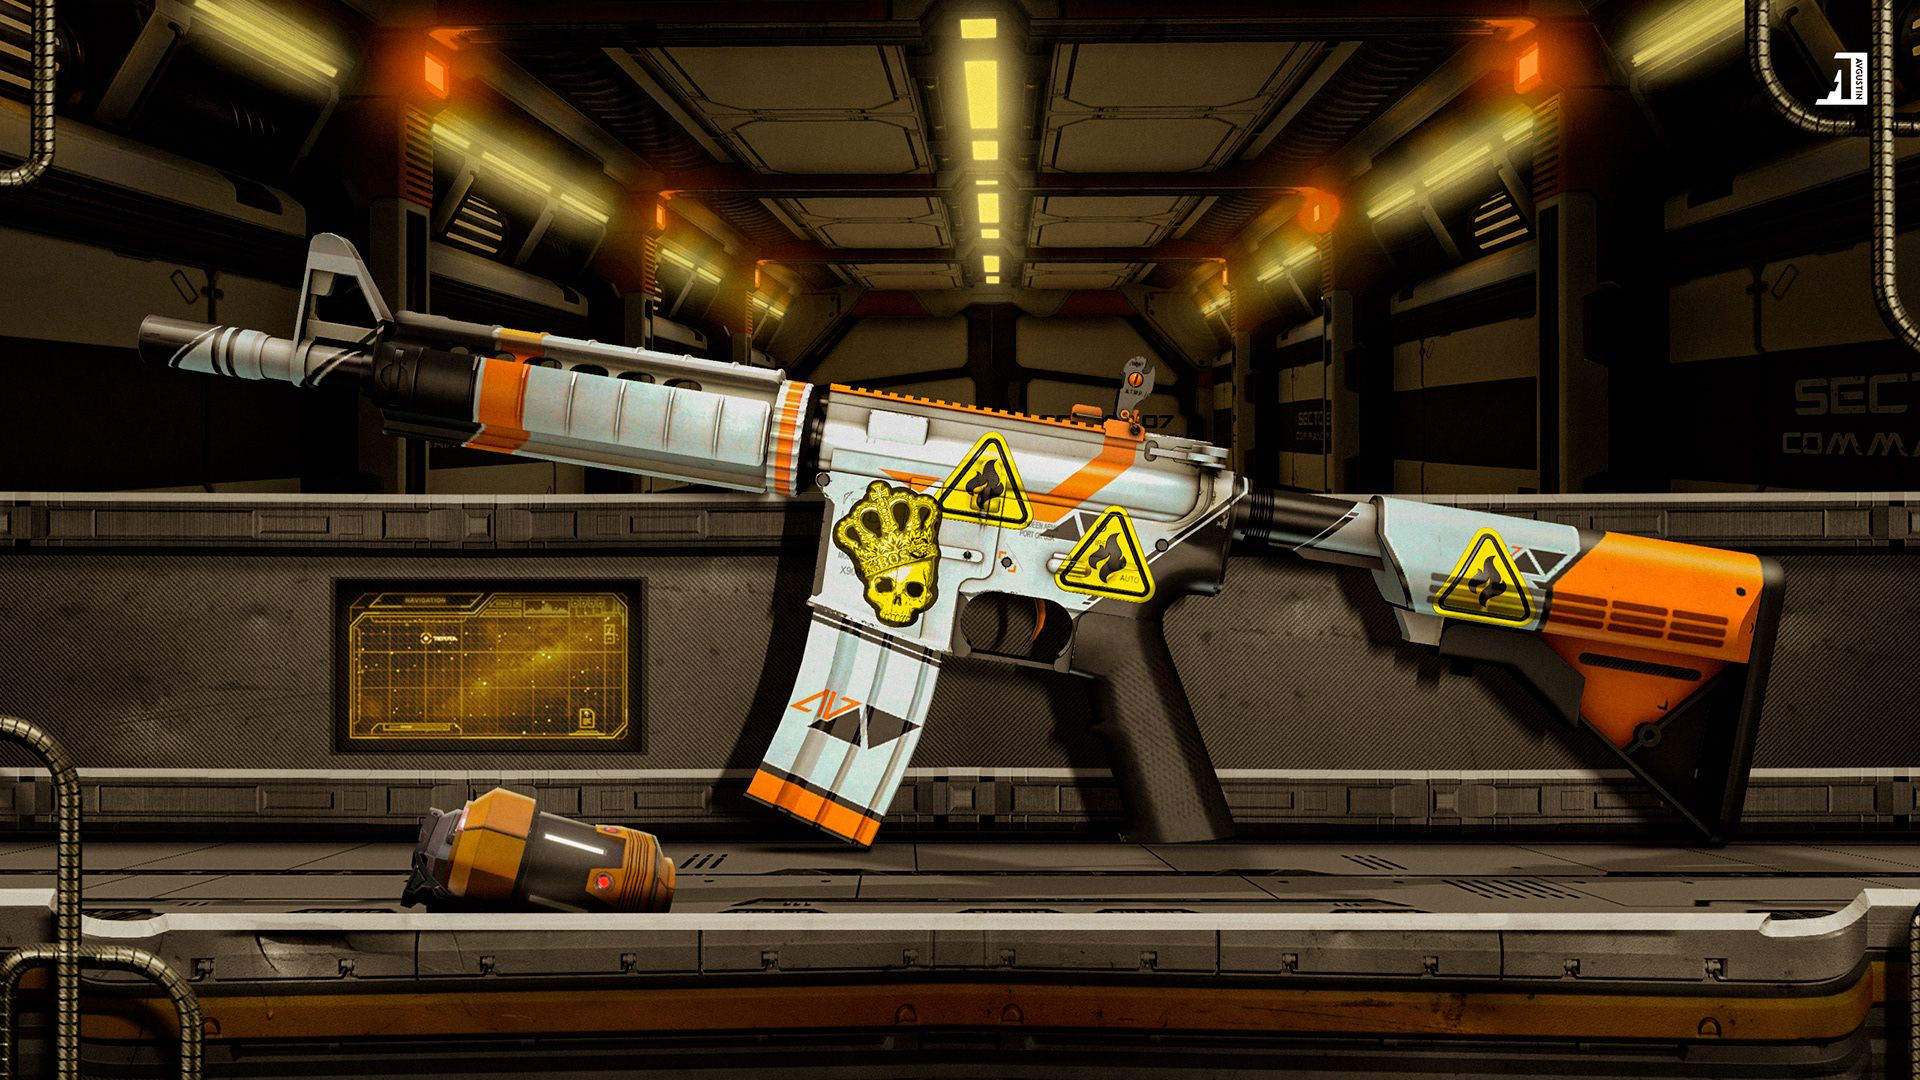 Csgo Weapon Skin Wallpapers On Behance Papel De Parede Games Armas Airsoft Papeis De Parede